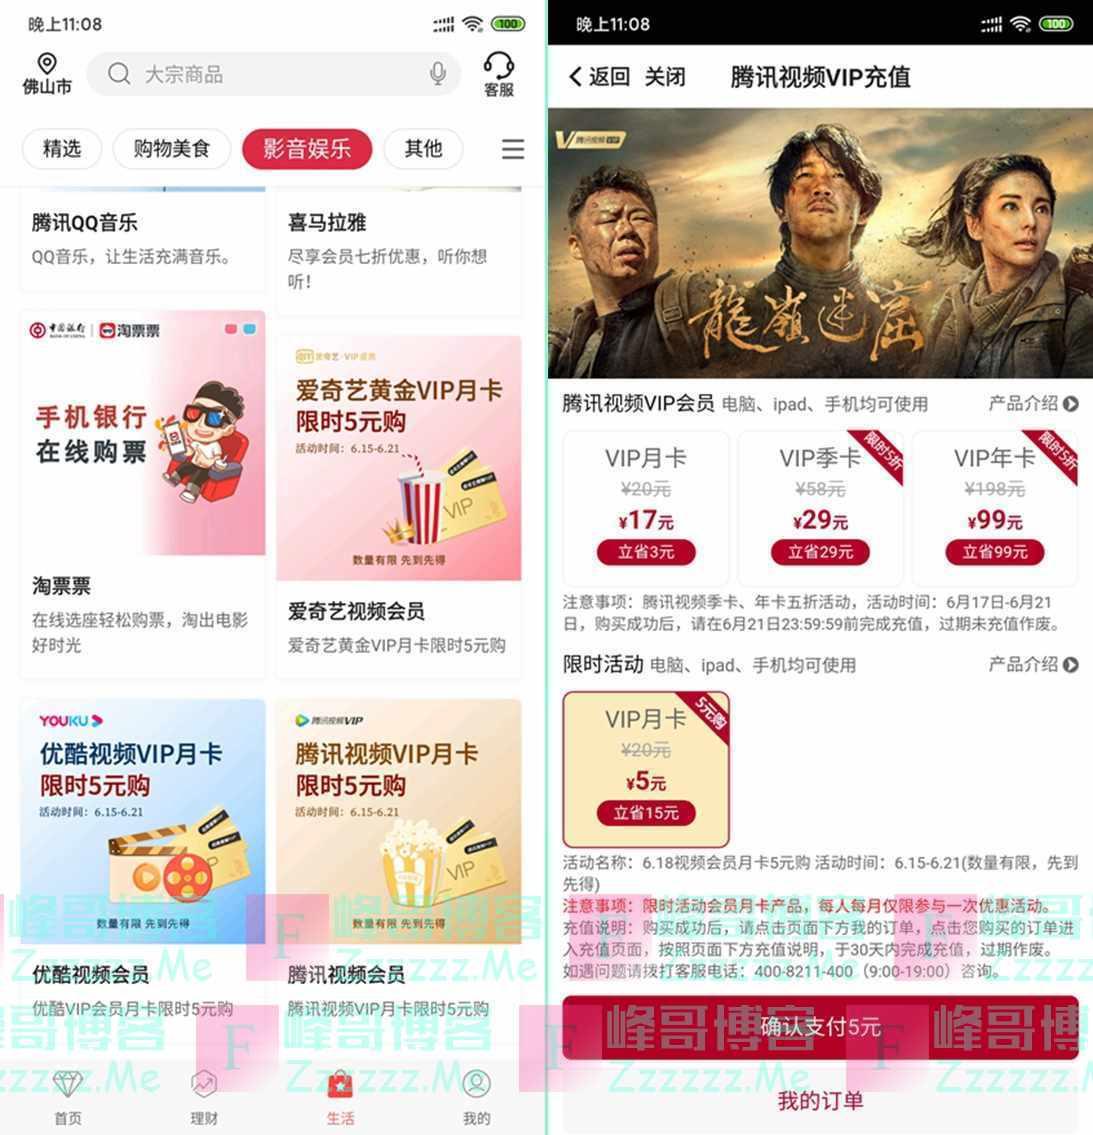 中国银行618视频会员五元购活动 5元充值腾讯视频VIP,爱奇艺VIP,优酷视频VIP